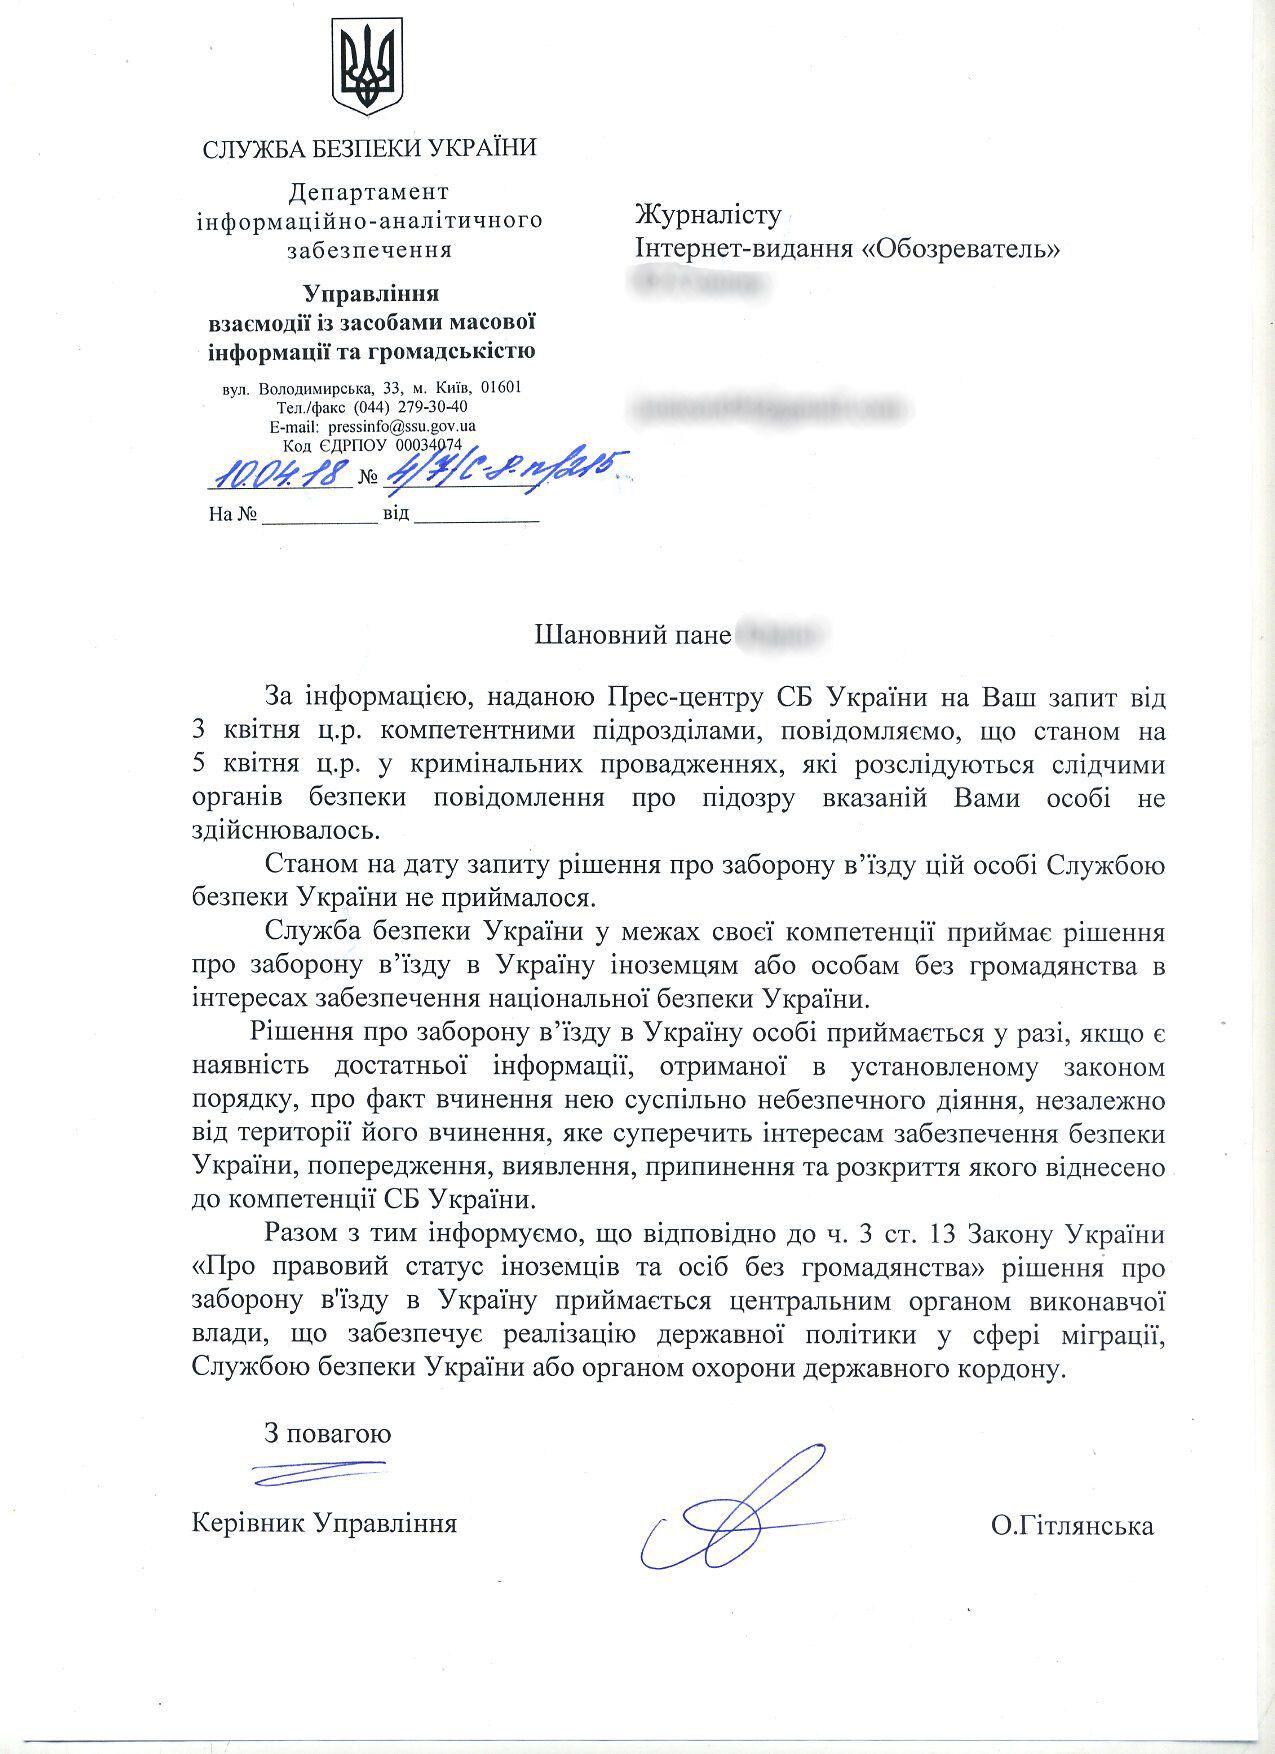 СБУ оценила желание Гребенщикова выступить в Крыму